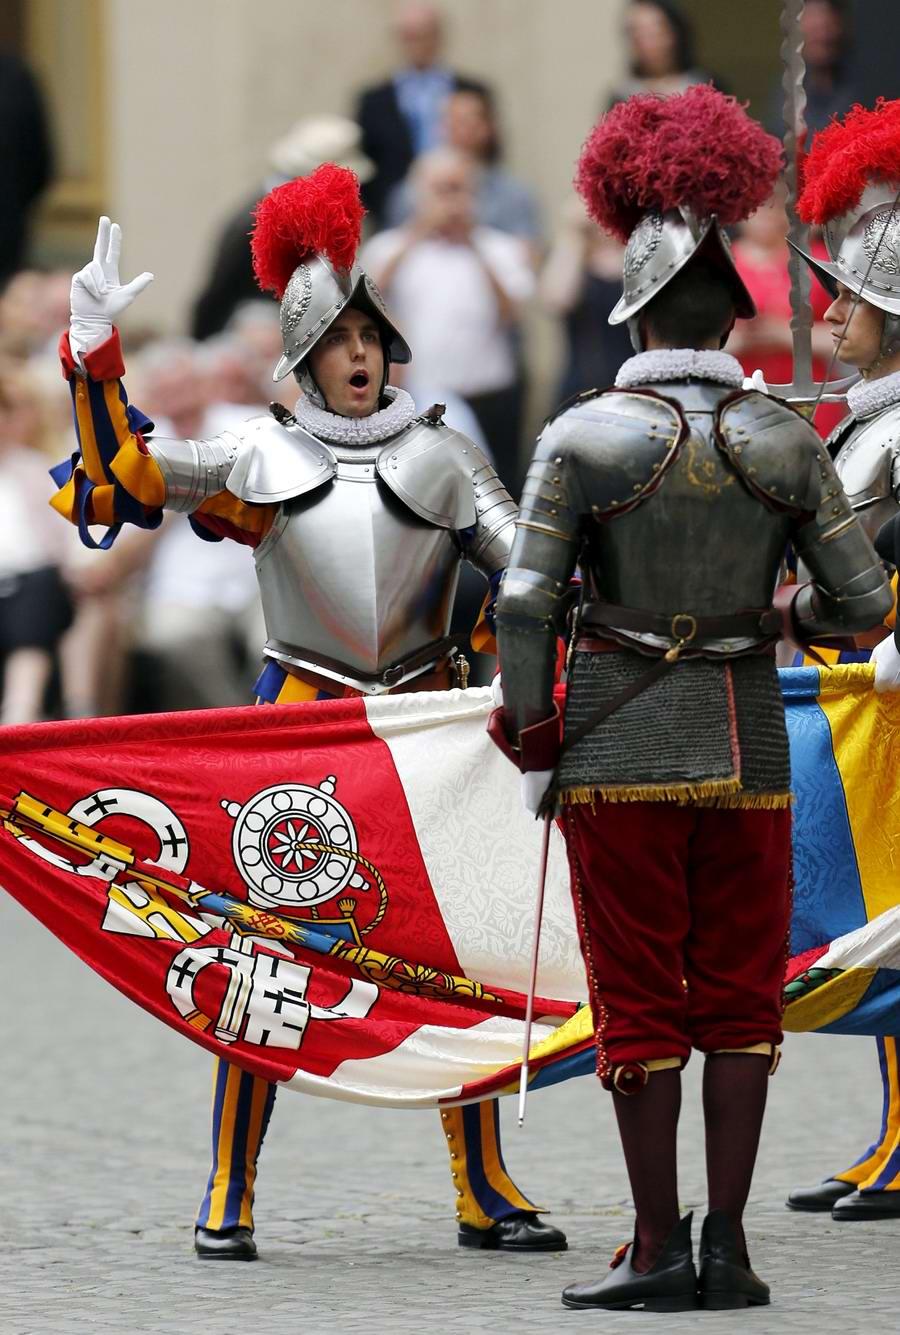 Швейцарская гвардия Ватикана: Новобранцы присягают на верность Папе Римскому (26)